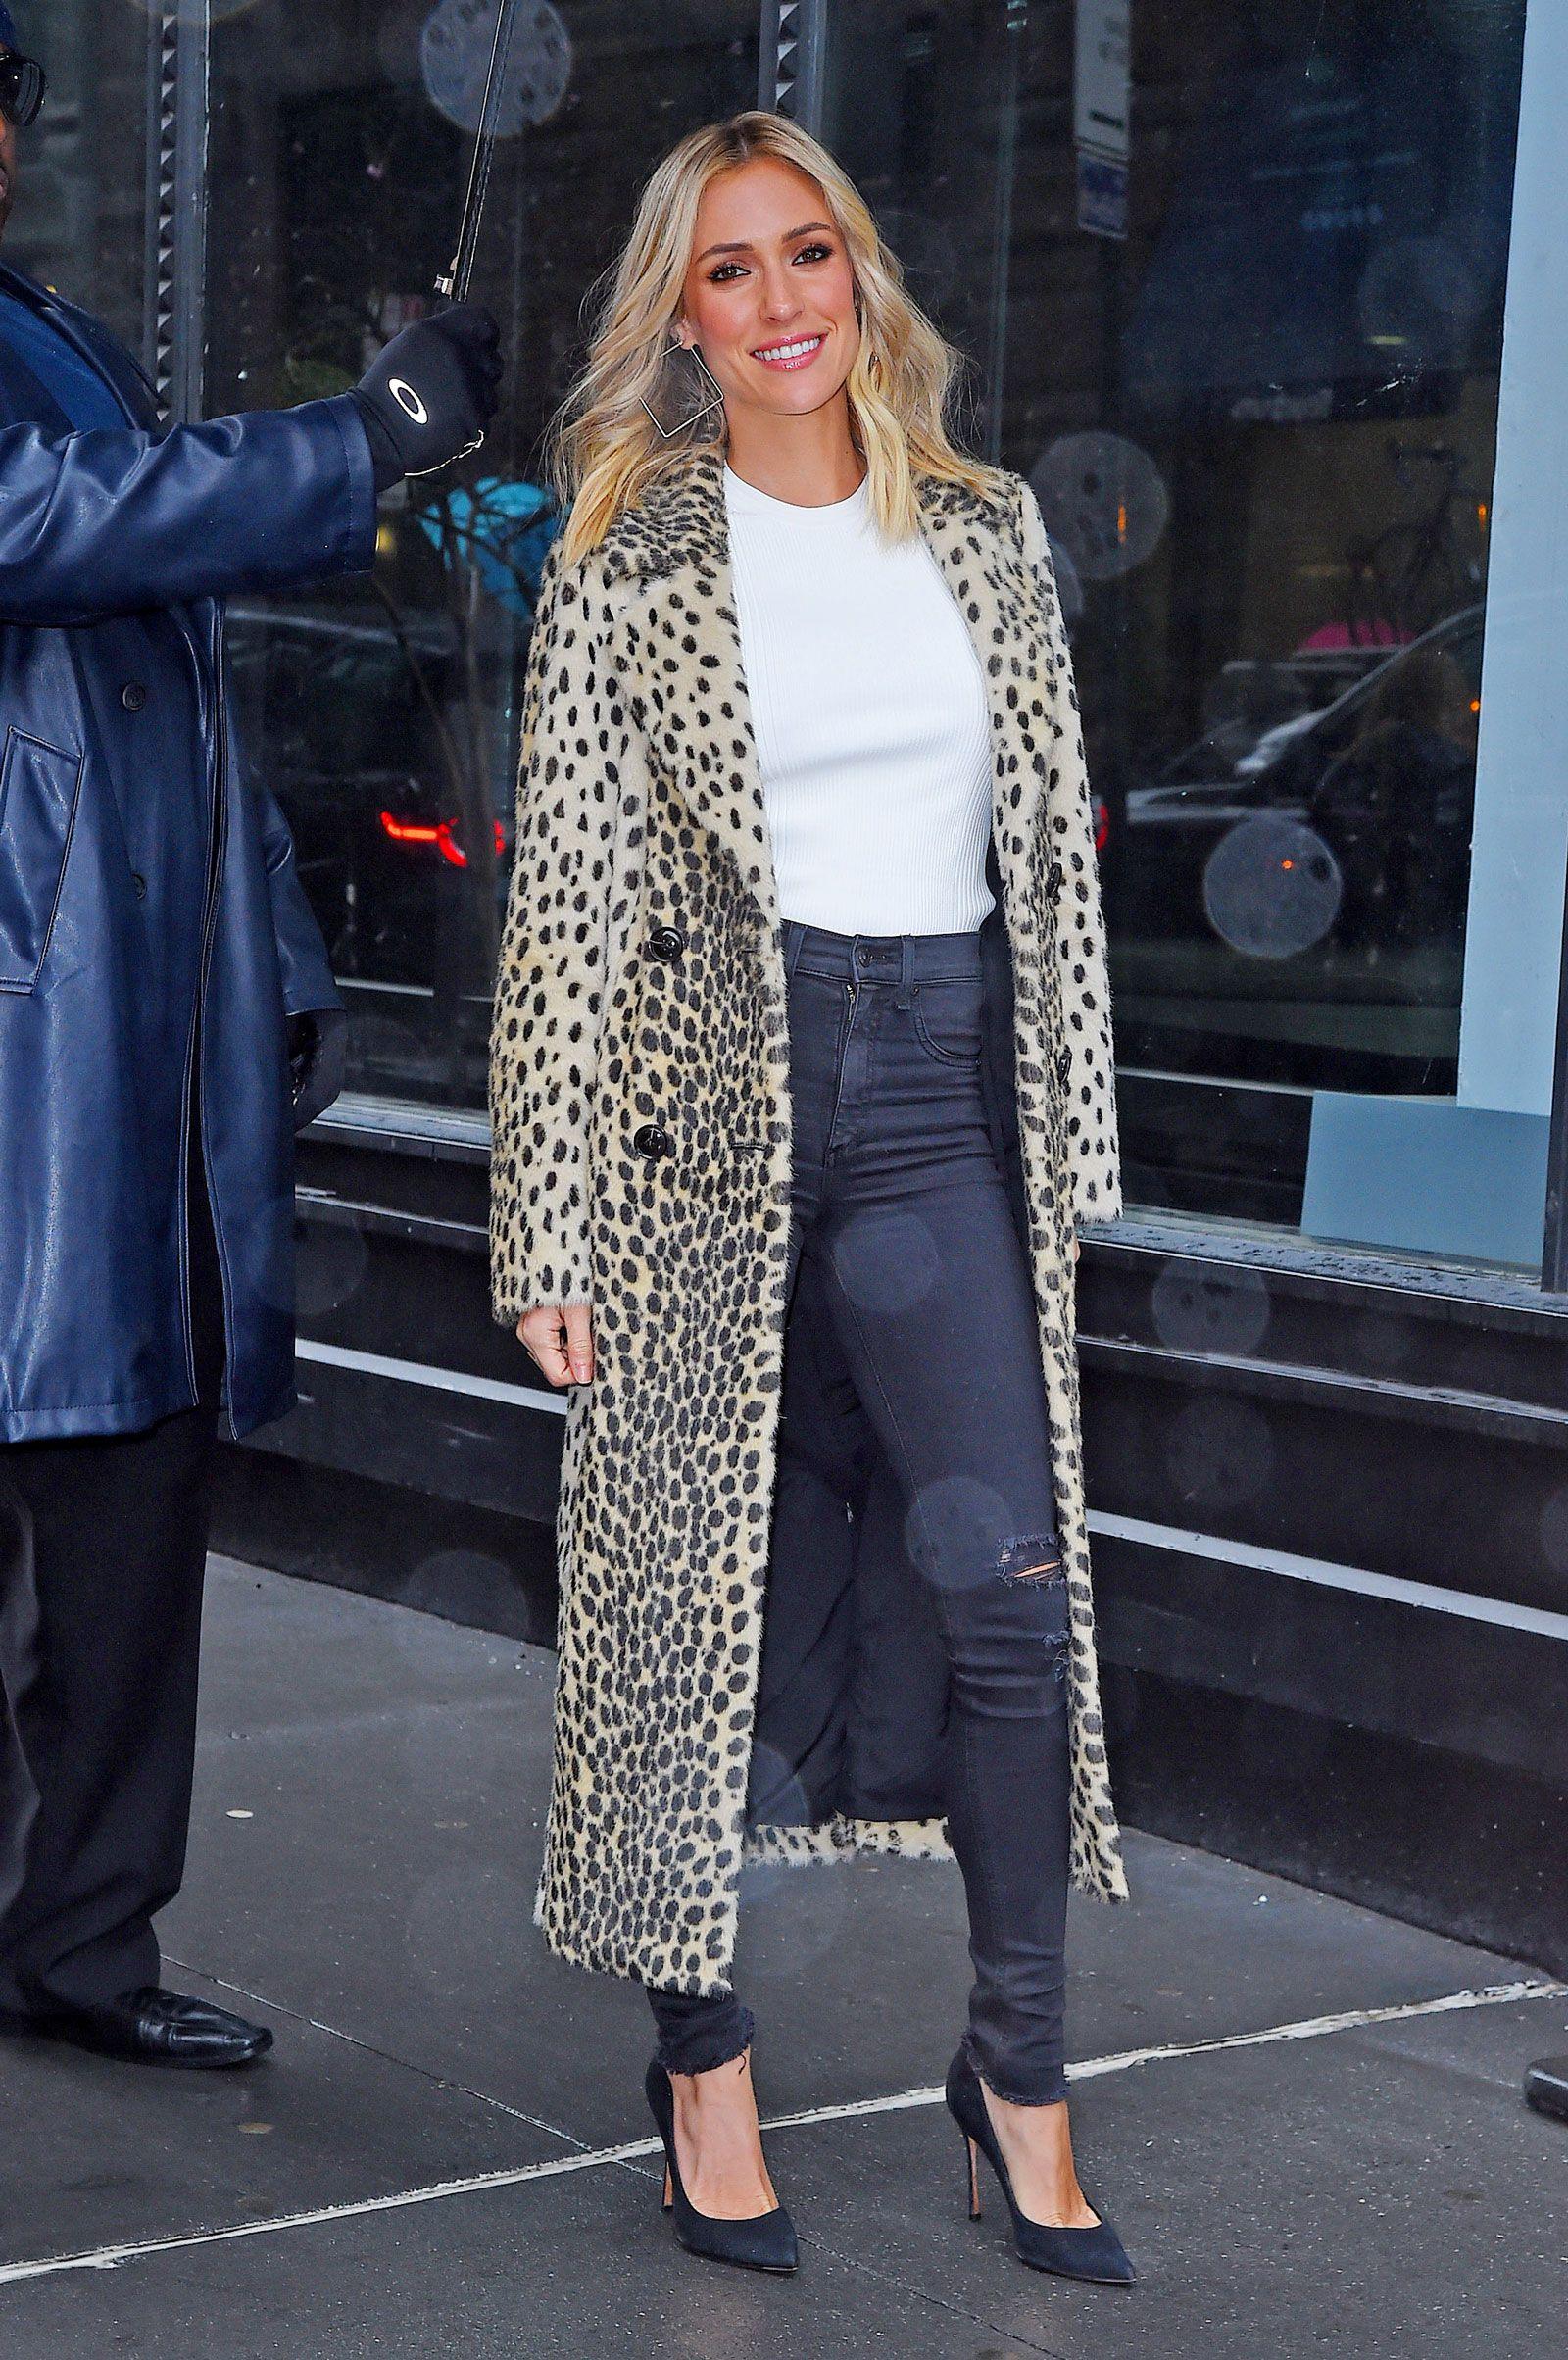 a5c0eed79ea8 Kristin Cavallari's Leopard Coat, Black Pumps, and Square Hooped ...